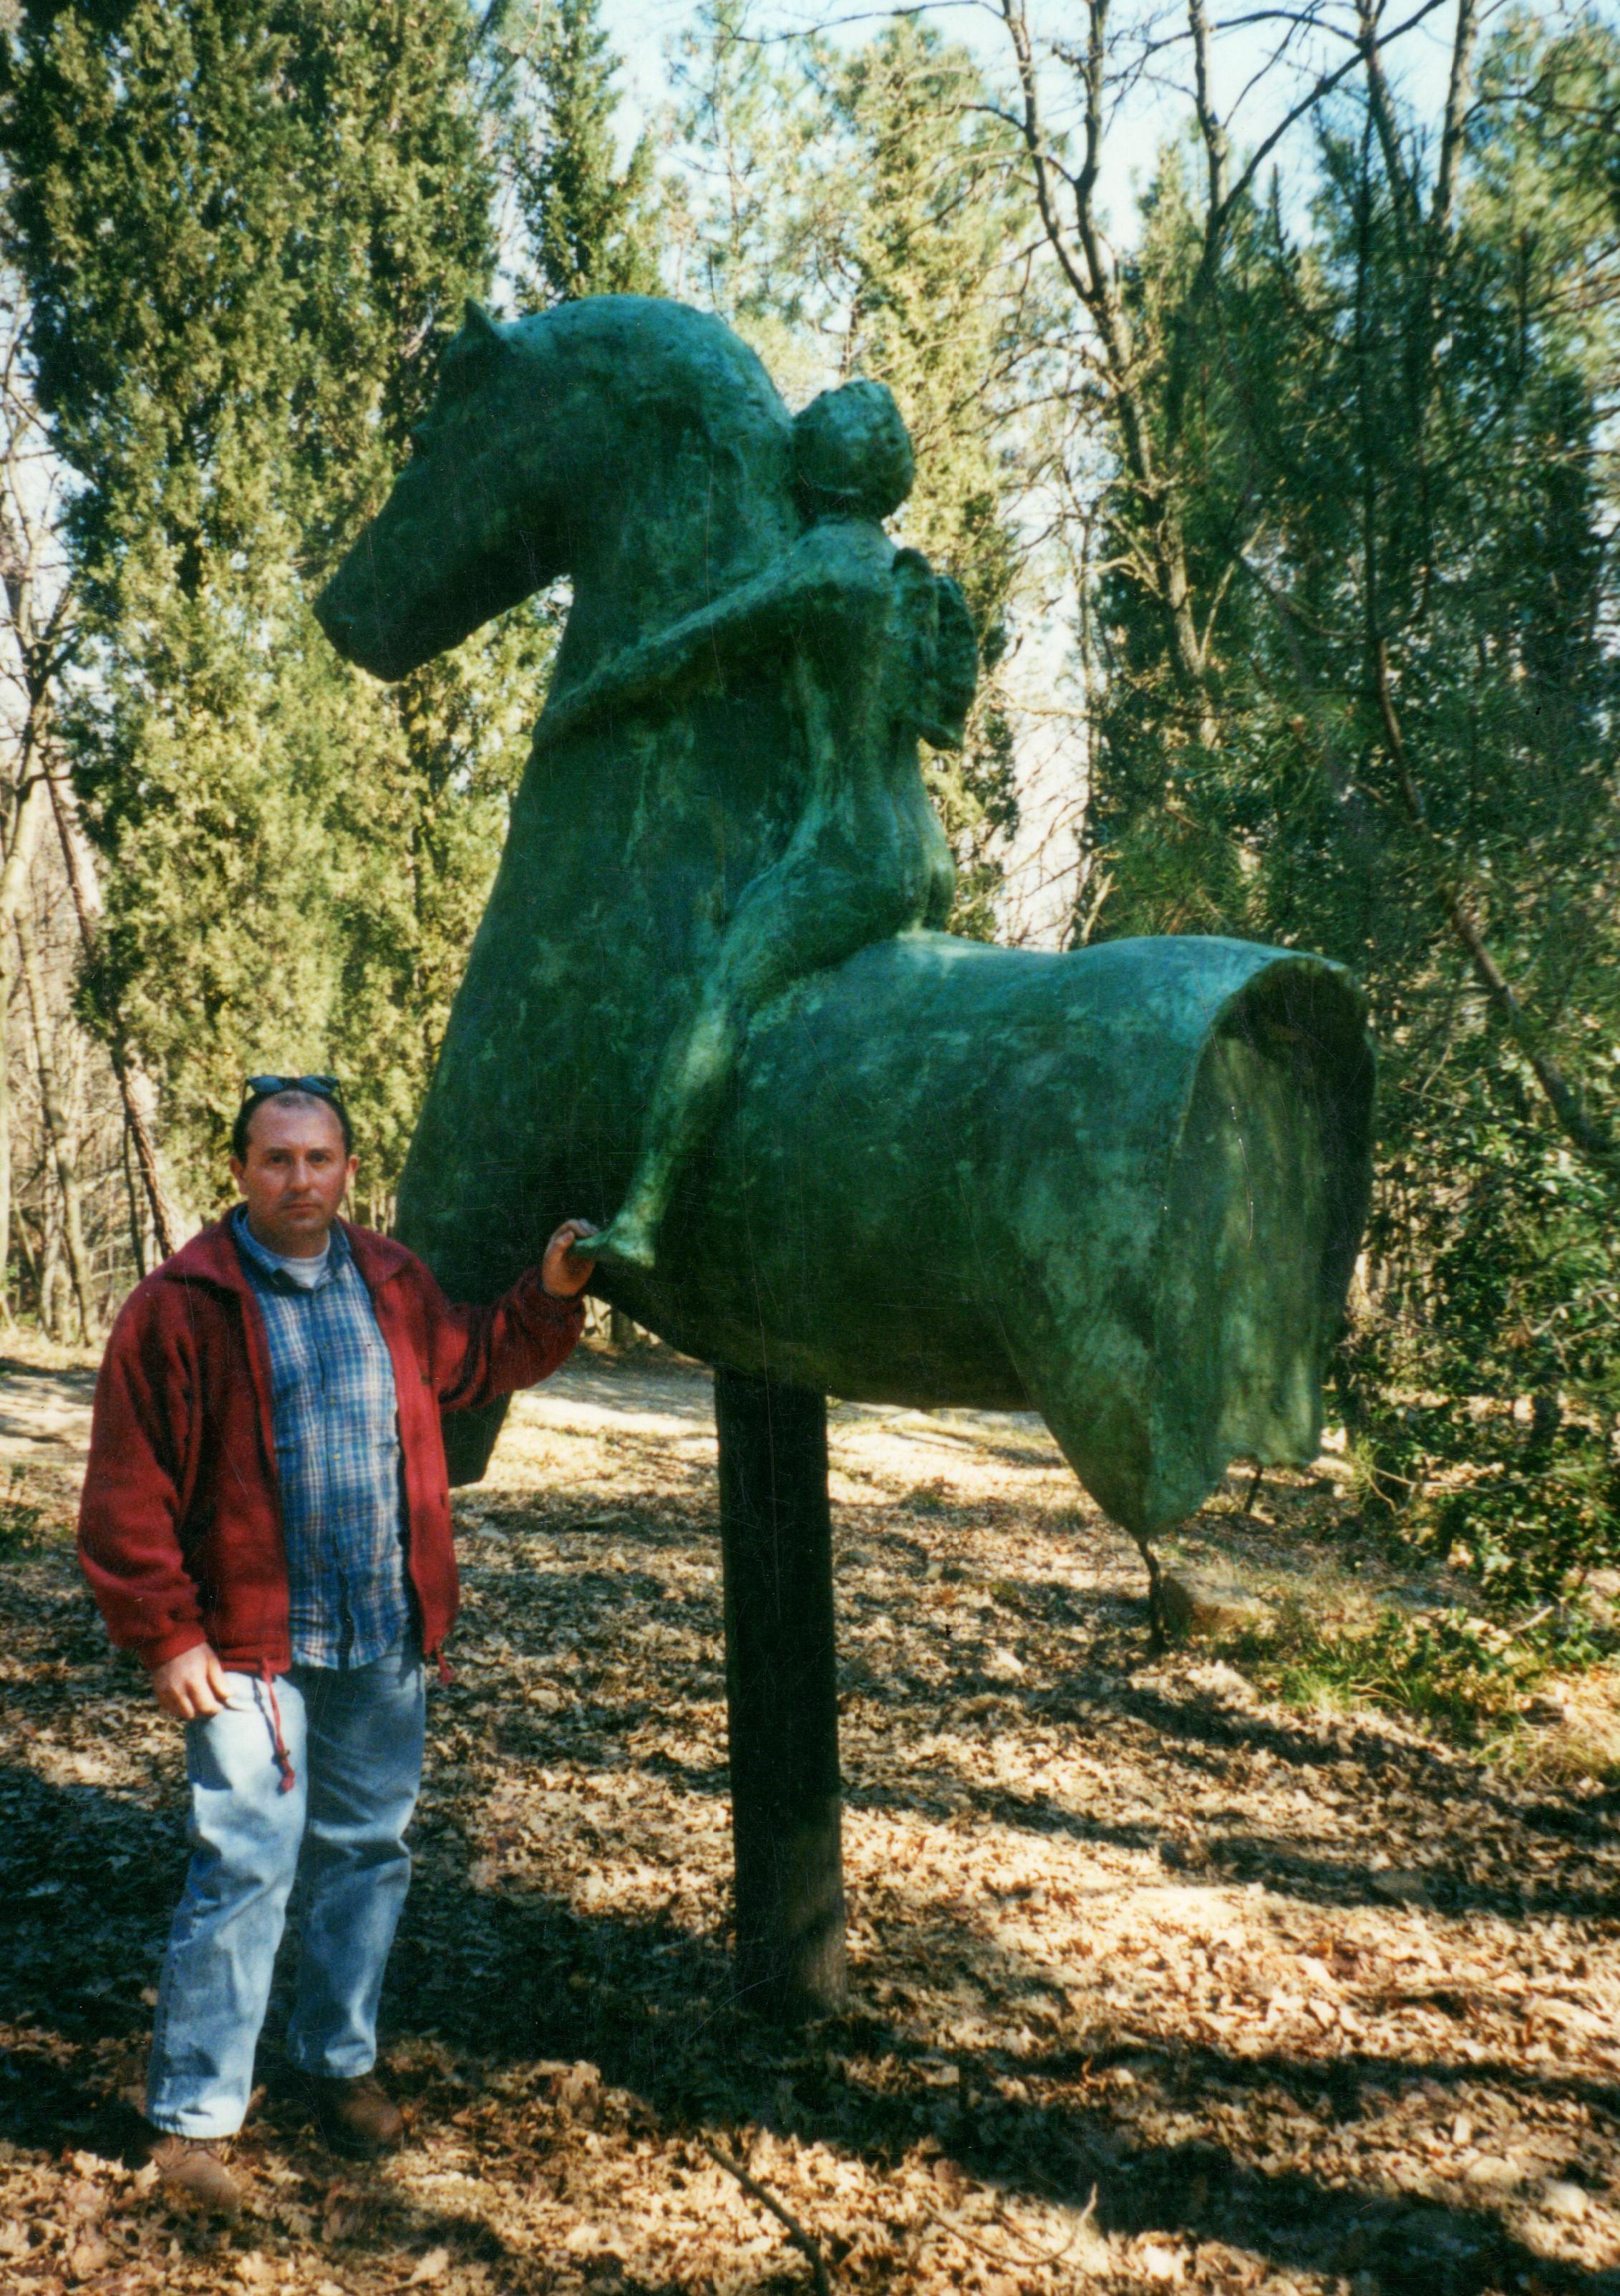 Tronco di cavallo con angelo